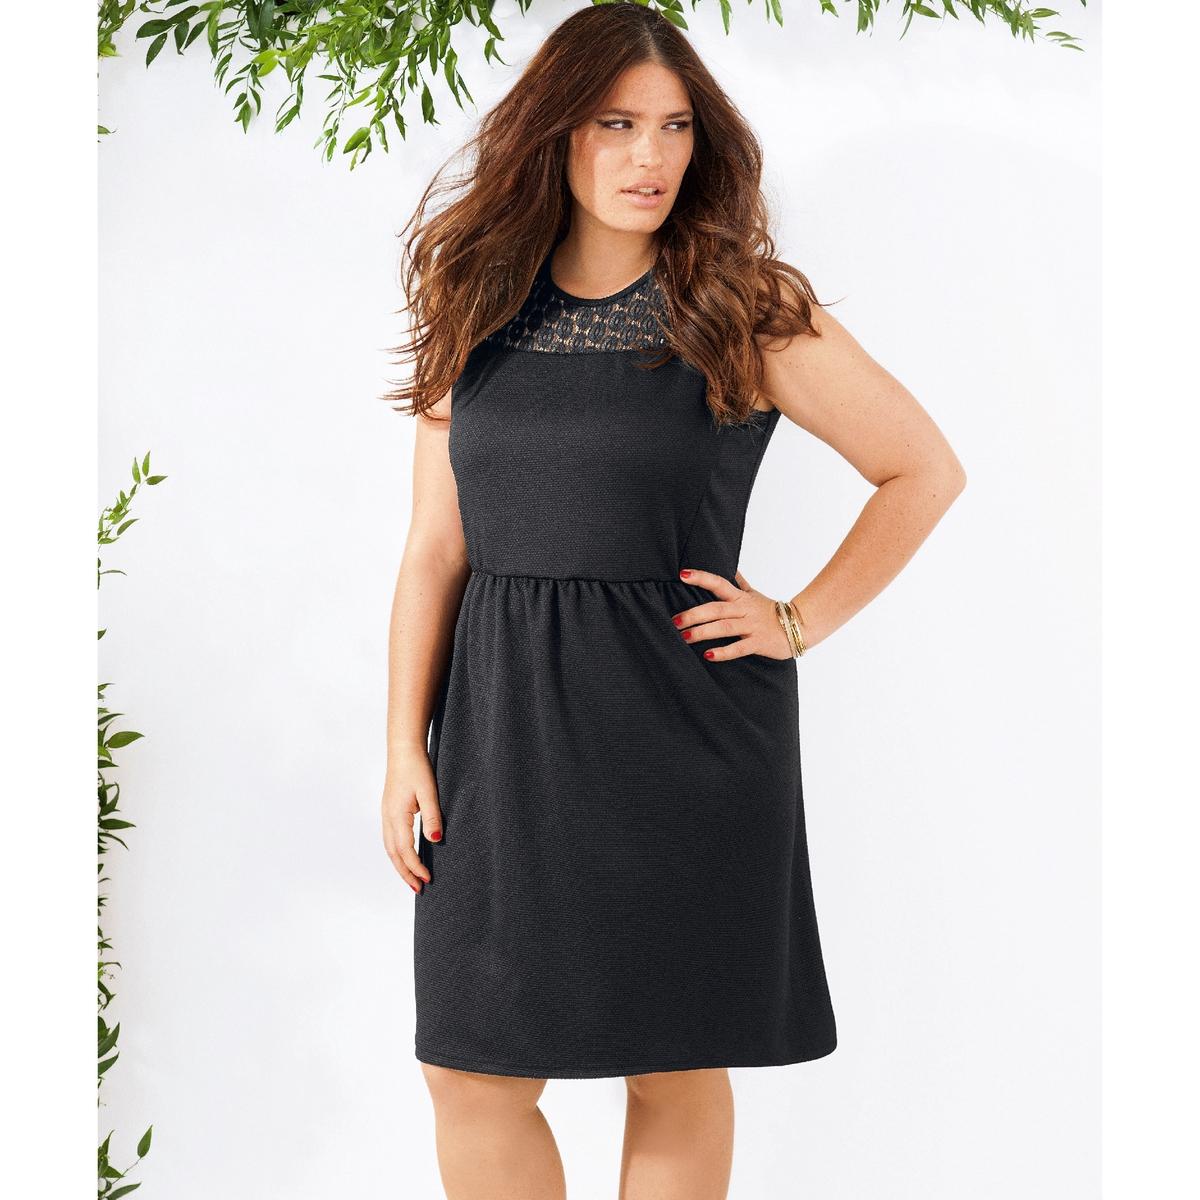 Платьеплатье . Красивая кружевная вставка наверху платья. Закругленный вырез . Без рукавов  . Приталенный покрой. Фактурный трикотаж, 100% полиэстер. Длина 100 см .<br><br>Цвет: черный<br>Размер: 44 (FR) - 50 (RUS)